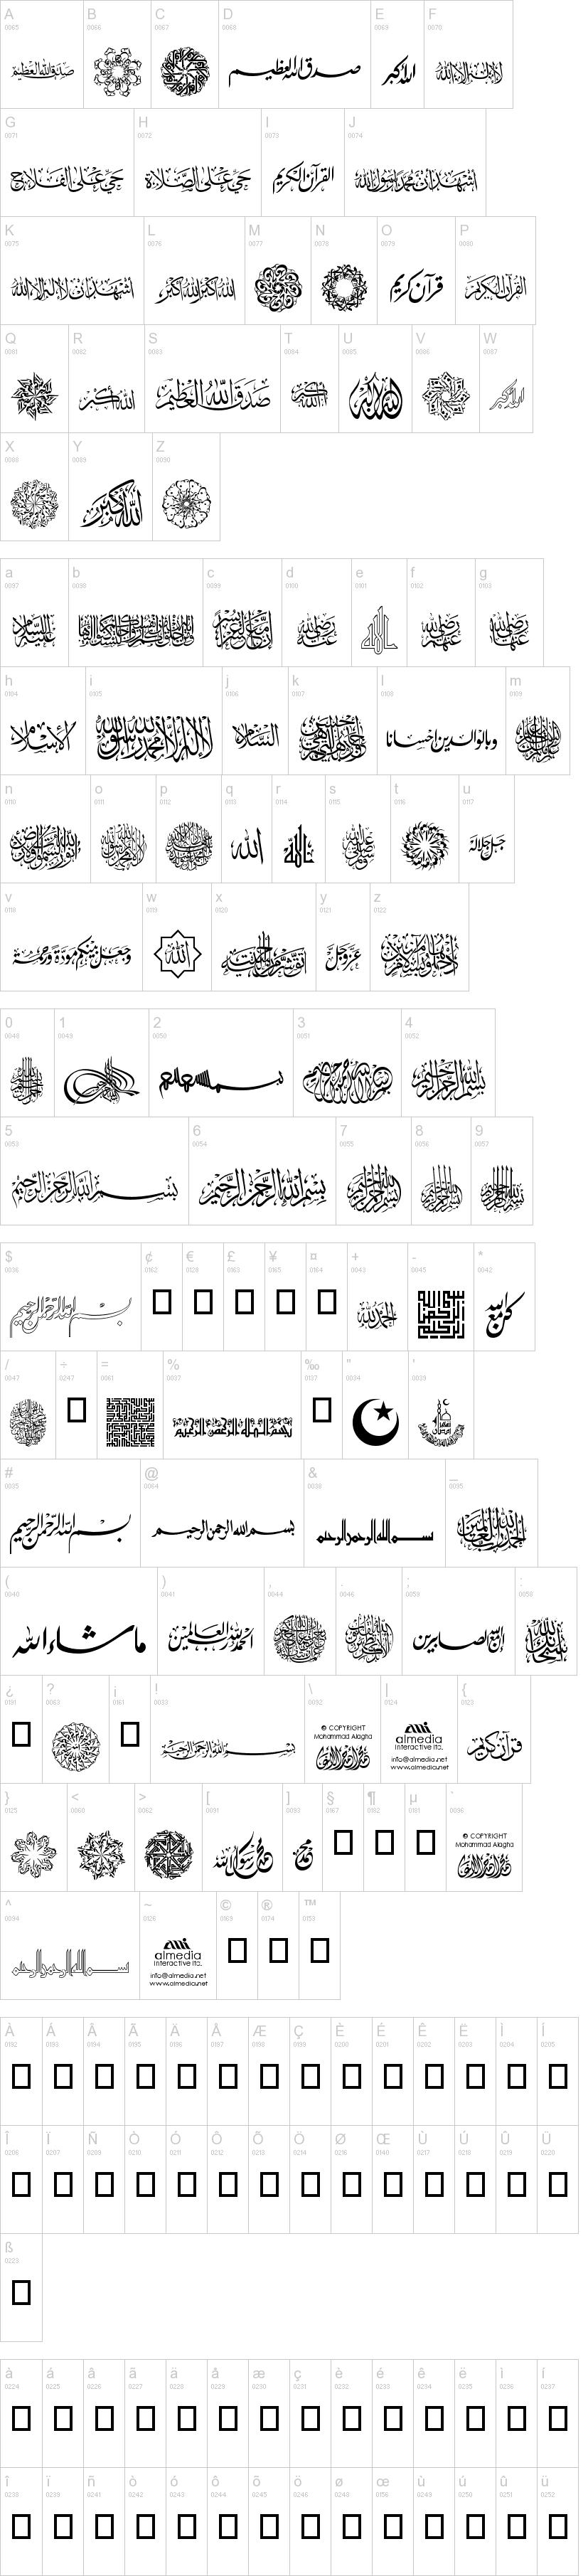 خطوط بأشكال وزخارف إسلامية